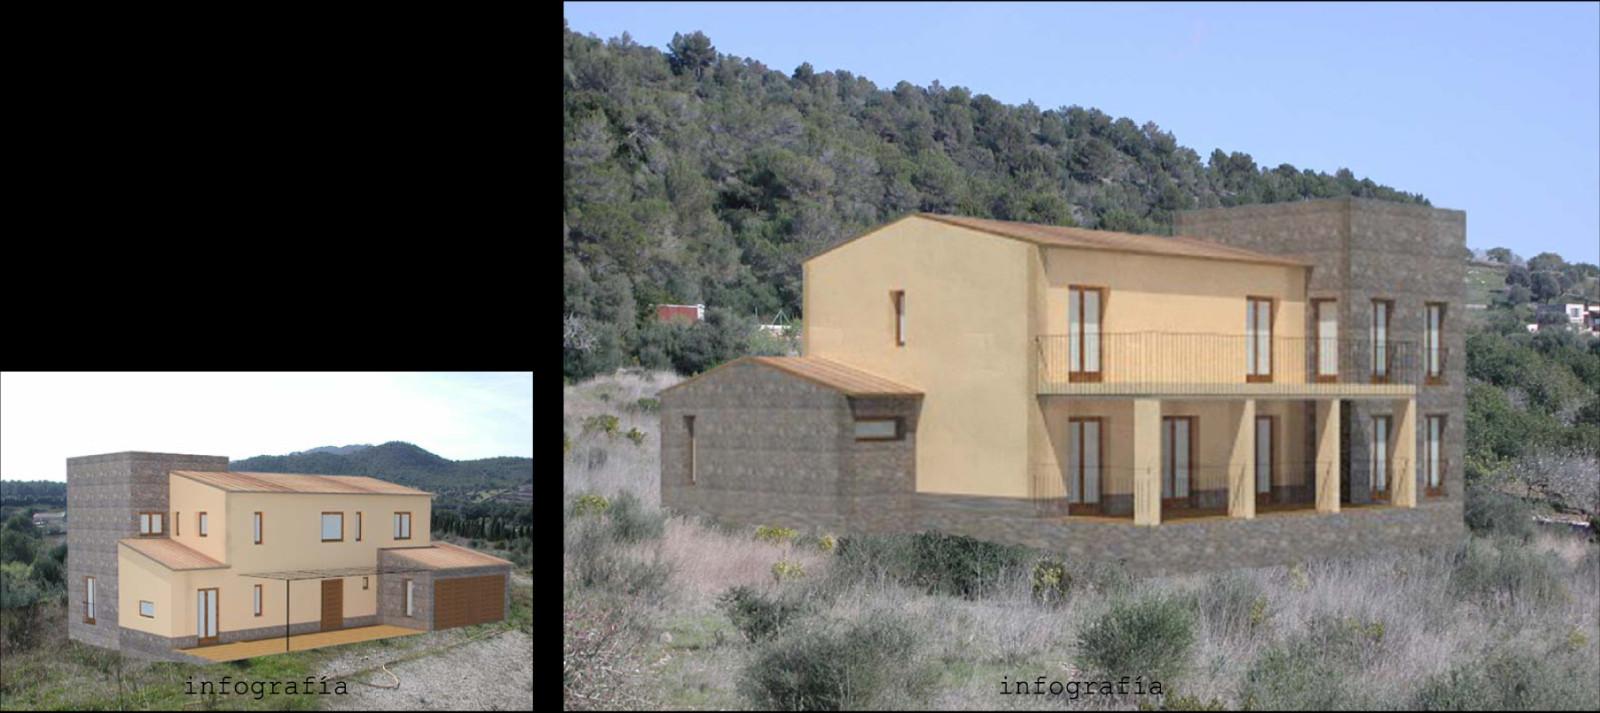 Infografía de la casa en el sitio.